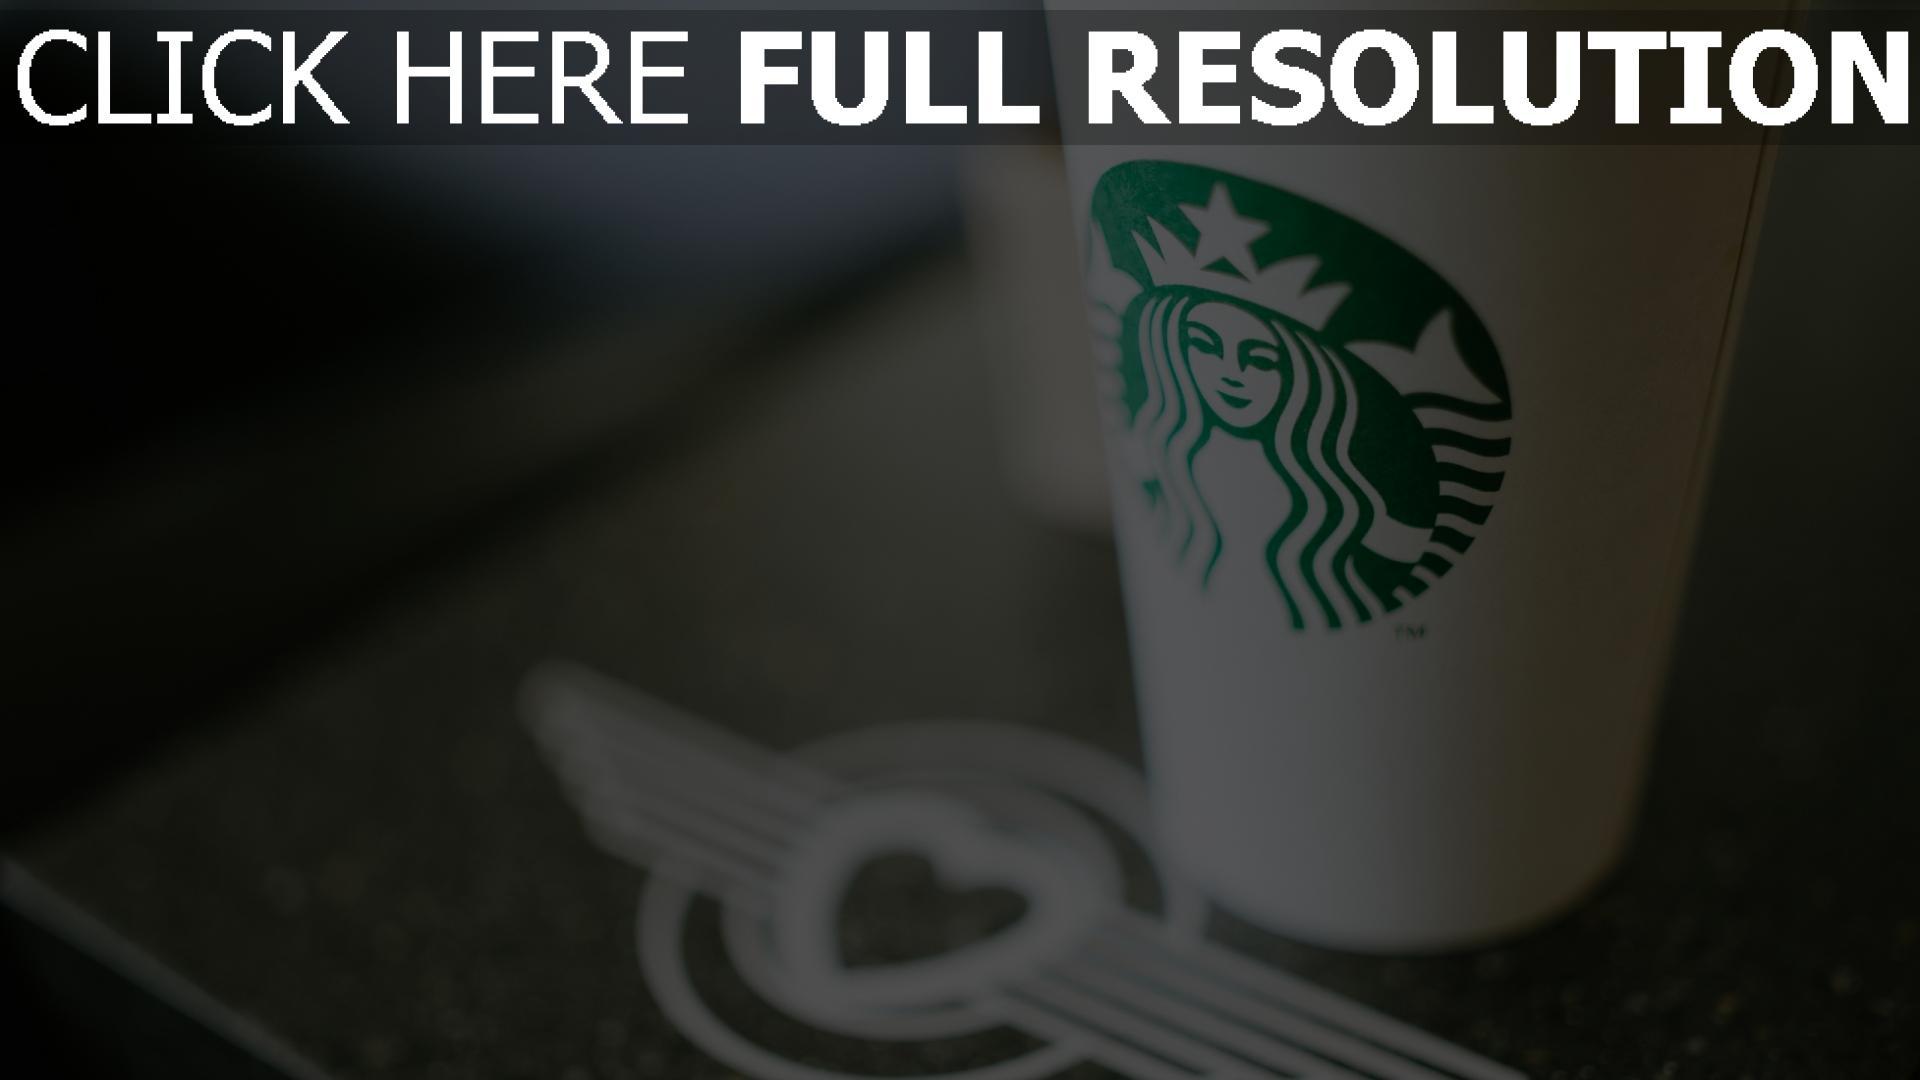 hd hintergrundbilder starbucks schale kaffee logo 1920x1080